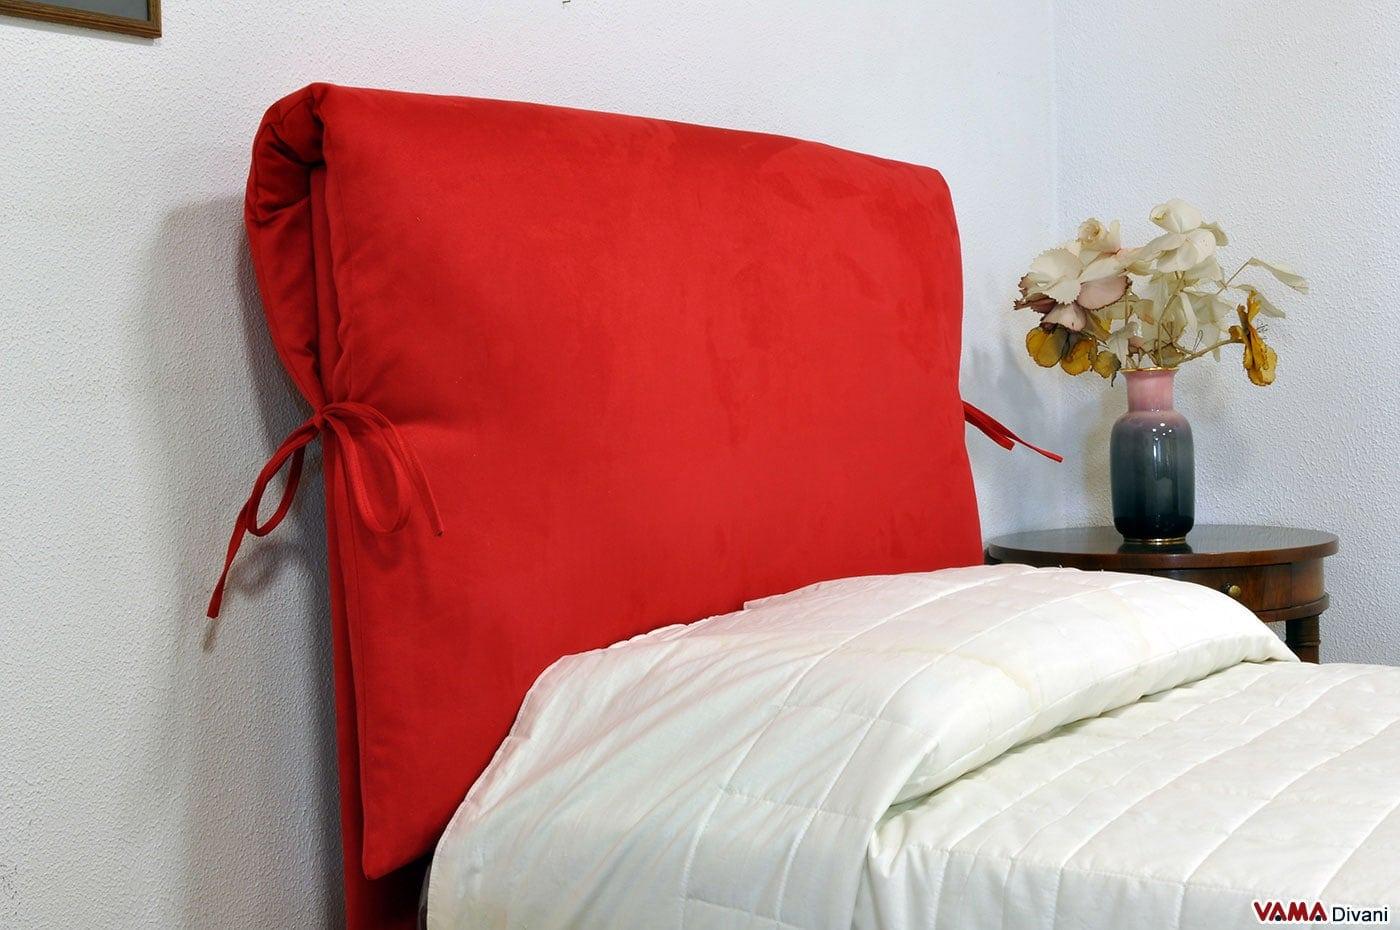 Tessuto per testata letto canonseverywhere - Testata per letto ...